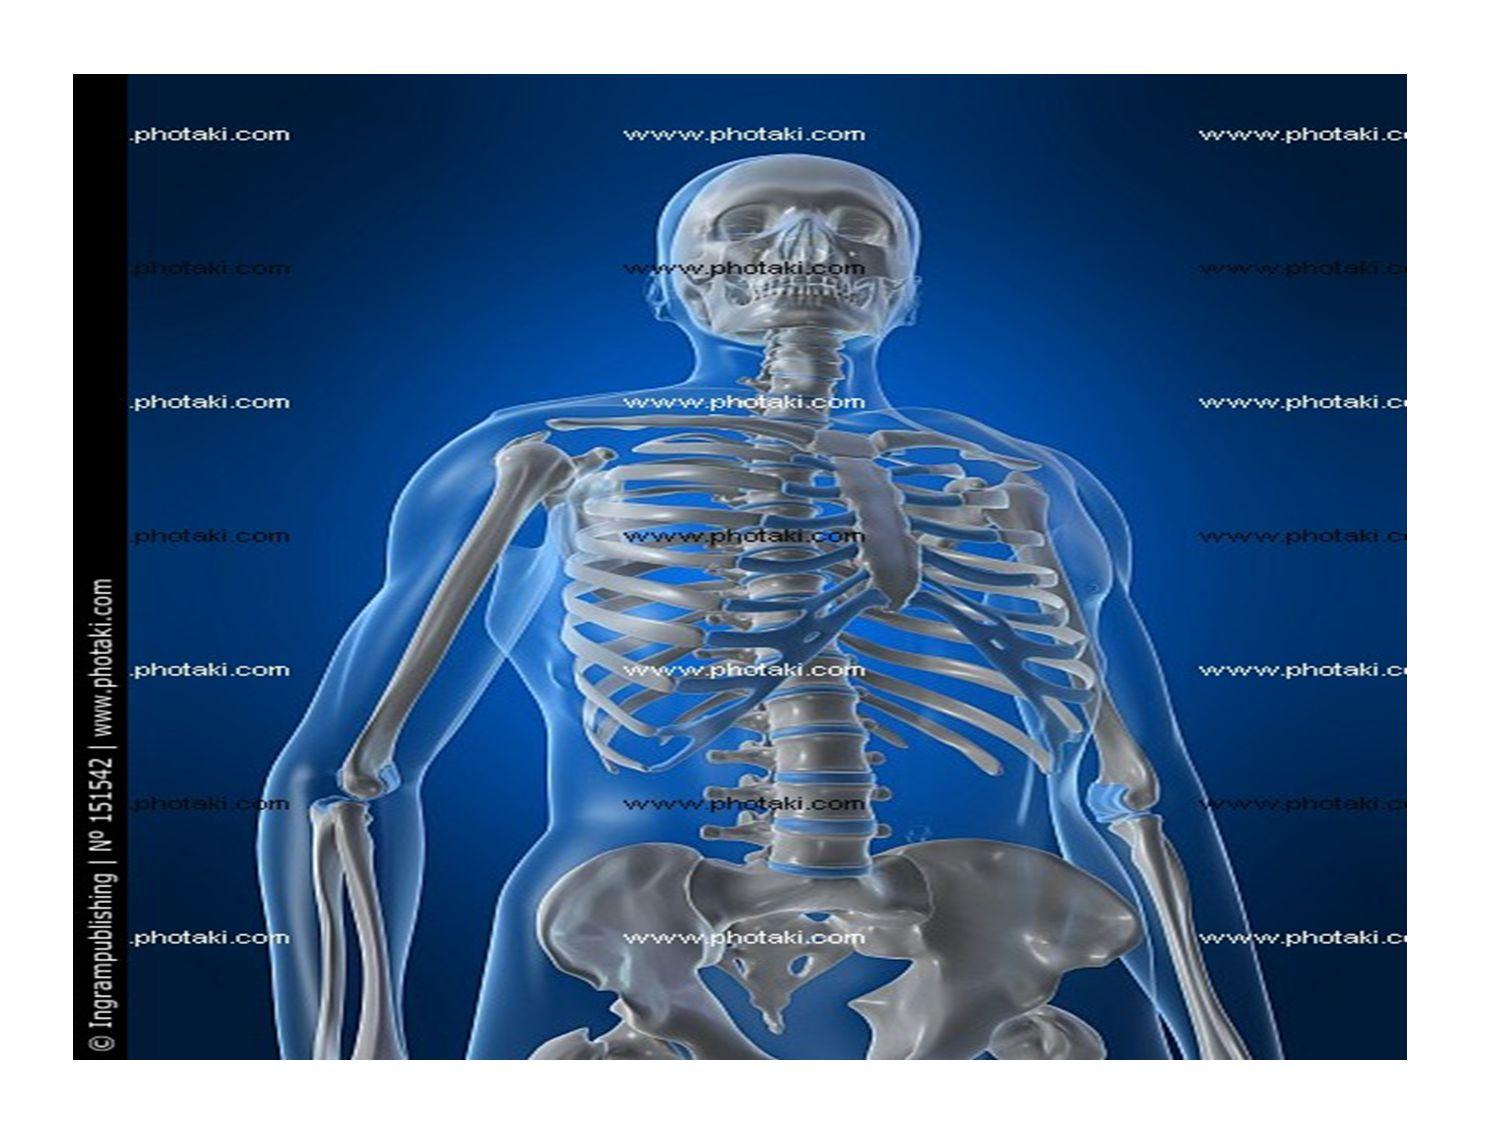 ΣΚΕΛΕΤΙΚΟ ΣΥΣΤΗΜΑ Ο σκελετός αποτελείται από 206 οστά και χωρίζεται: Στο σκελετό του κορμού και τον σκελετό των άκρων.